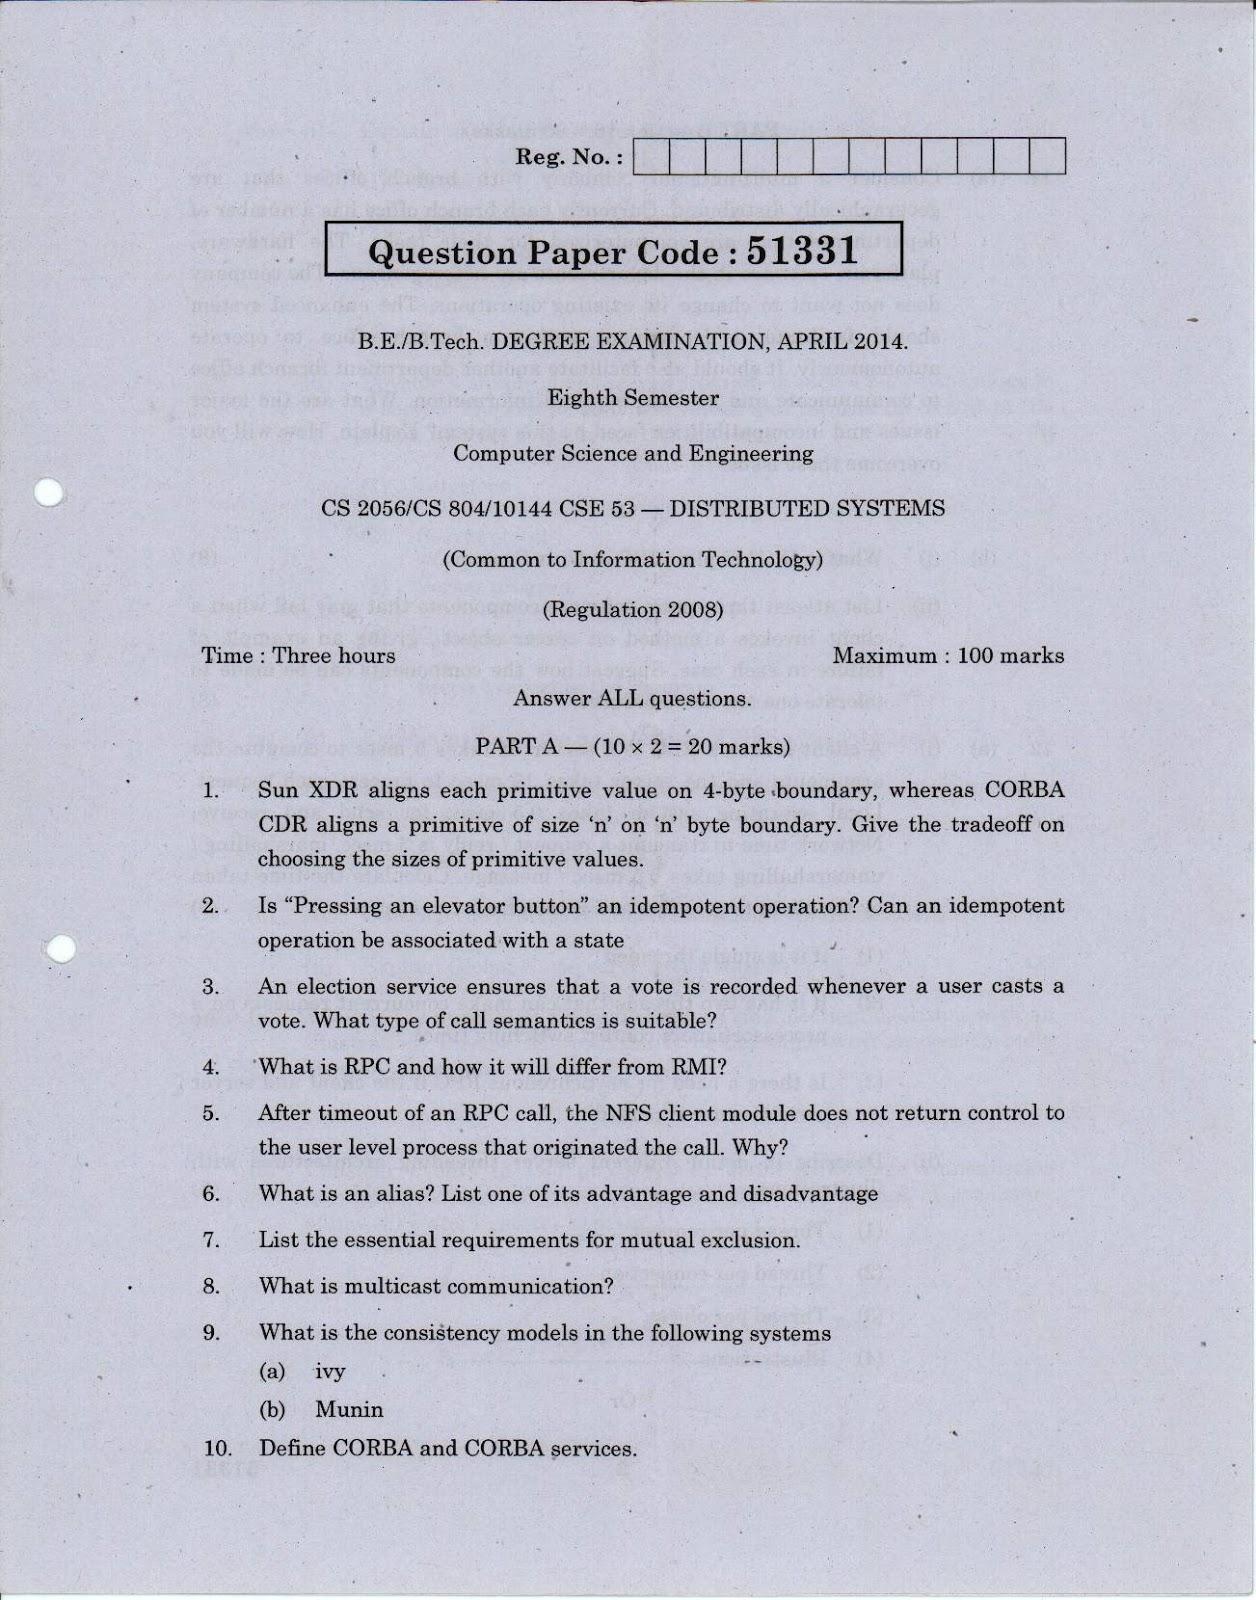 Ec6201 question paper 2017